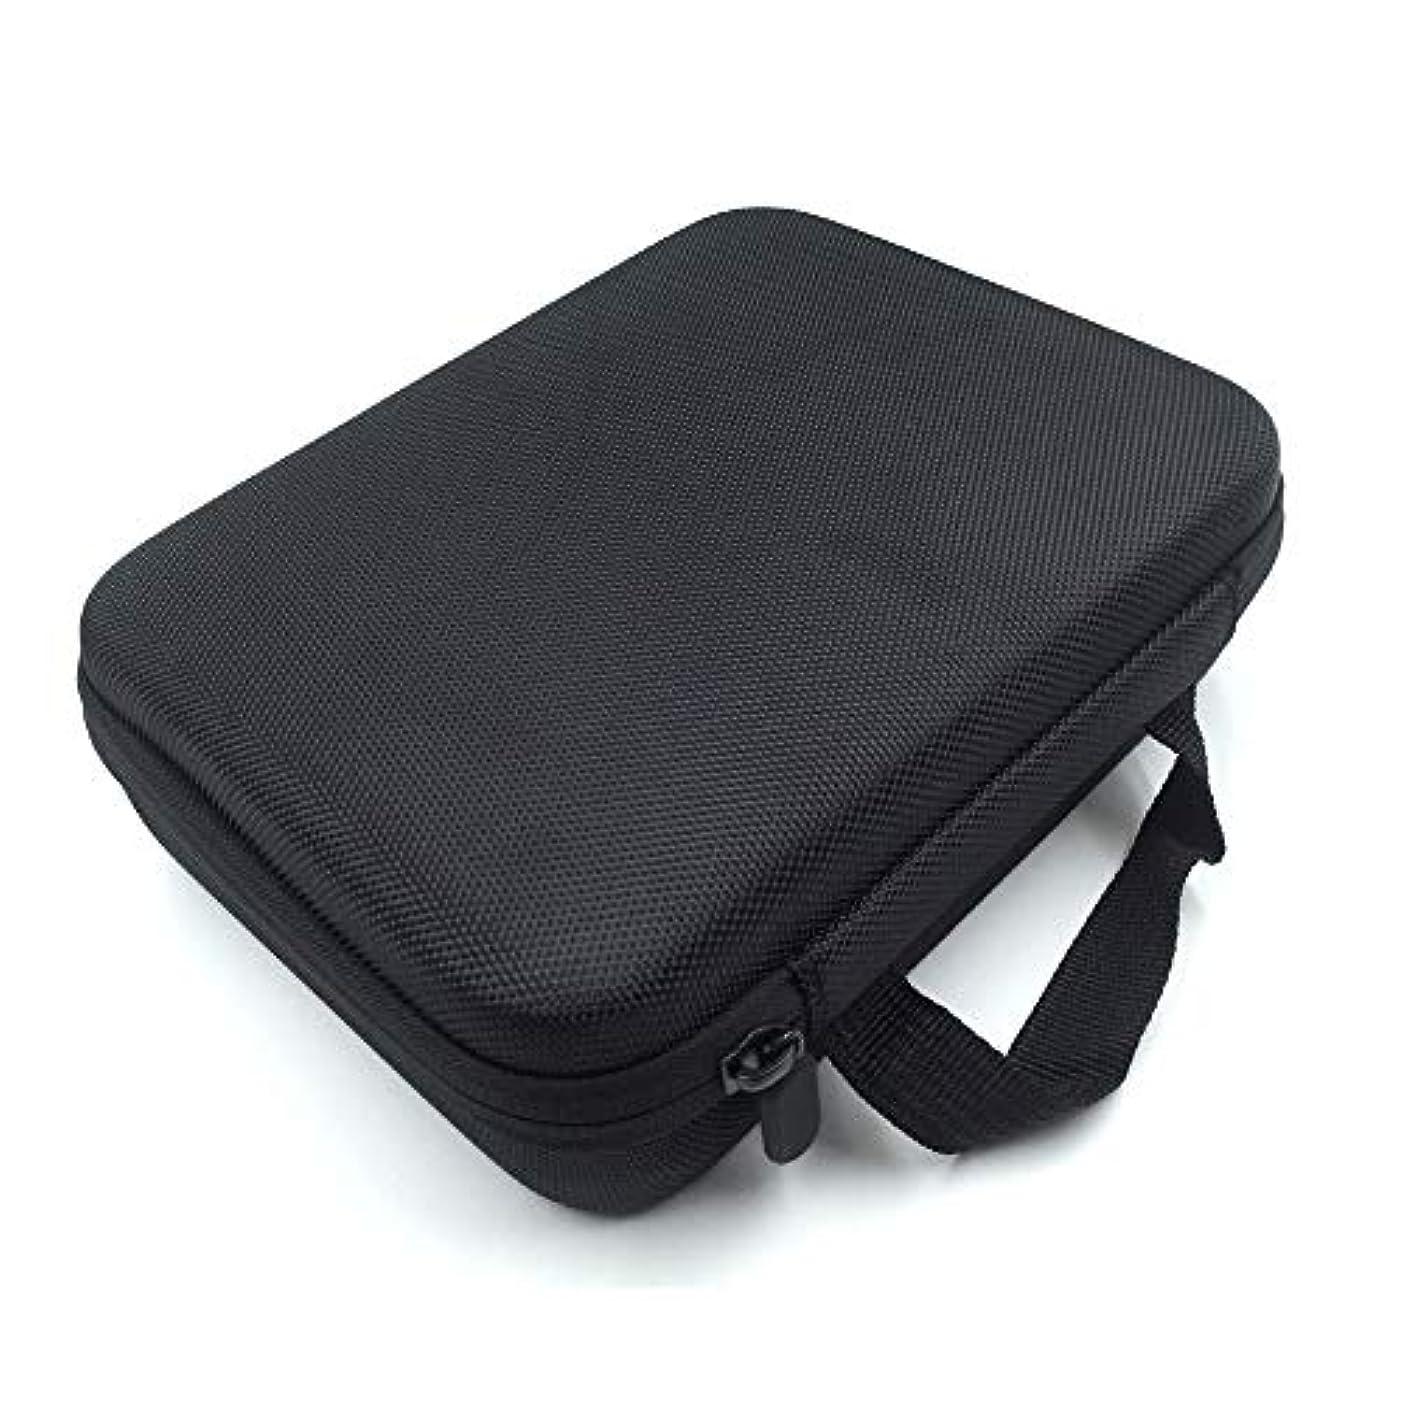 力強い常習者やがて[RADISSY] アロマポーチ エッセンシャルオイル ケース 収納ボックス メイクポーチ 30本用 (ブラック)